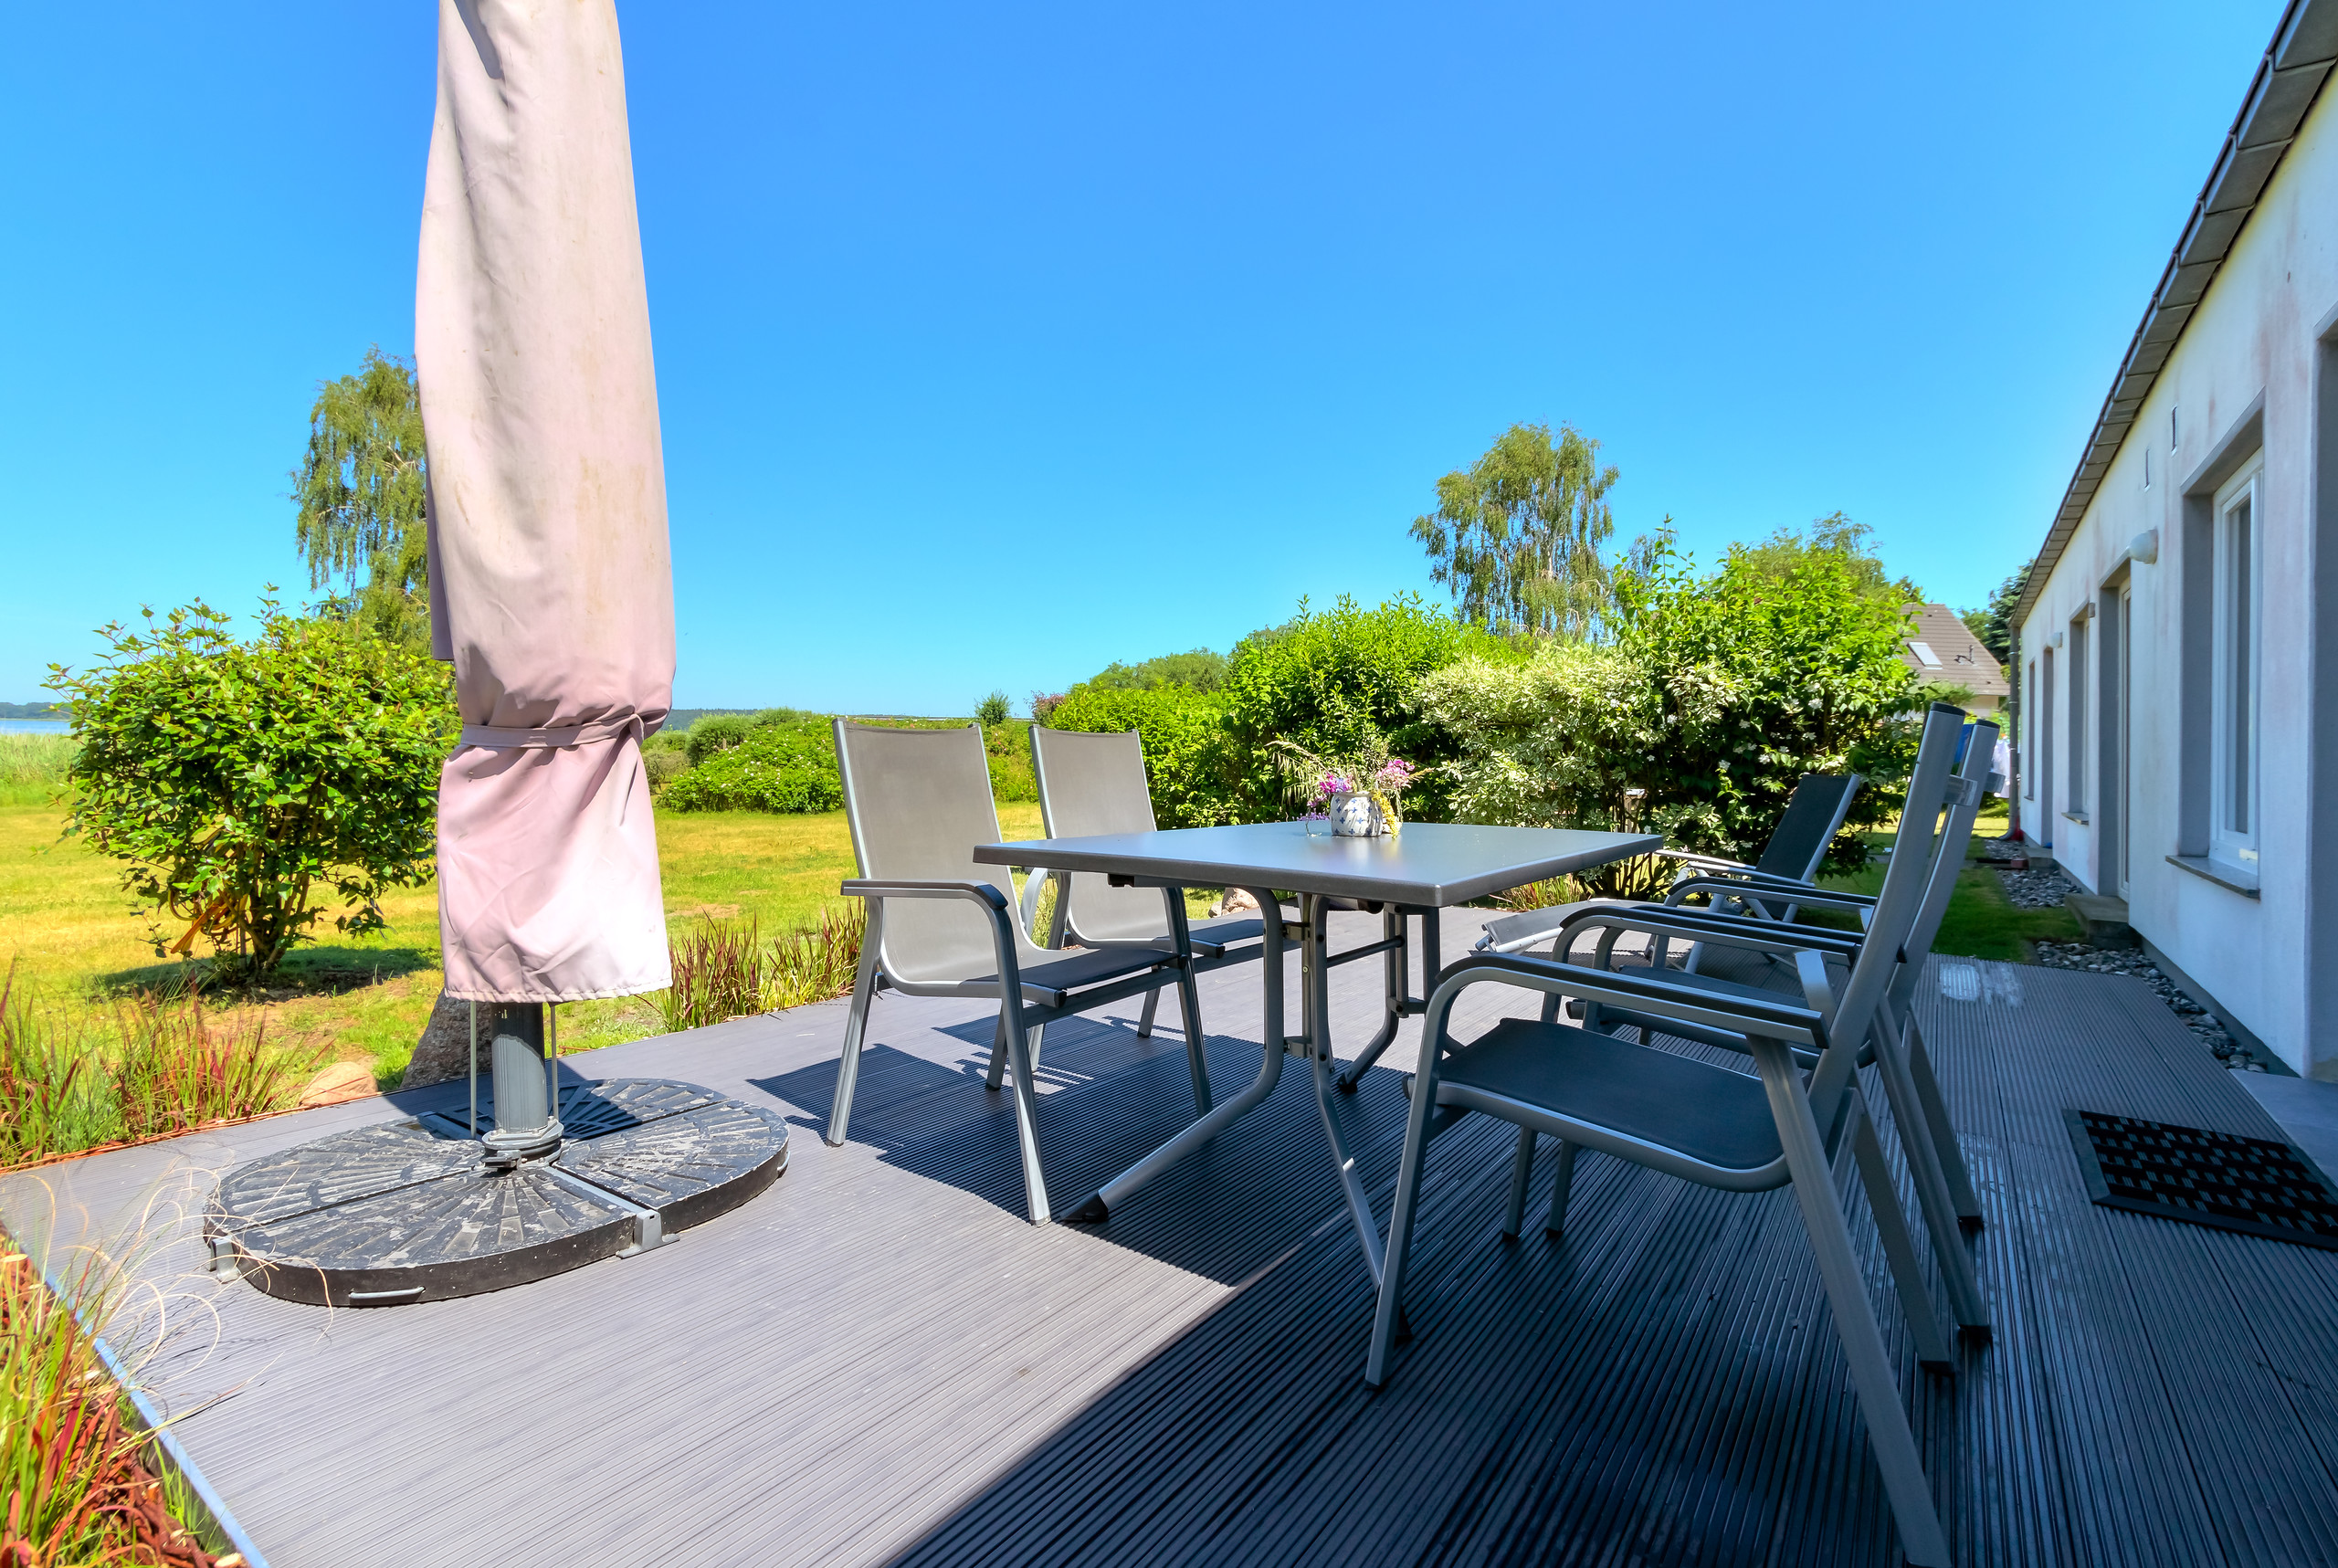 Terrasse inkl. Möbeln und Seeblick